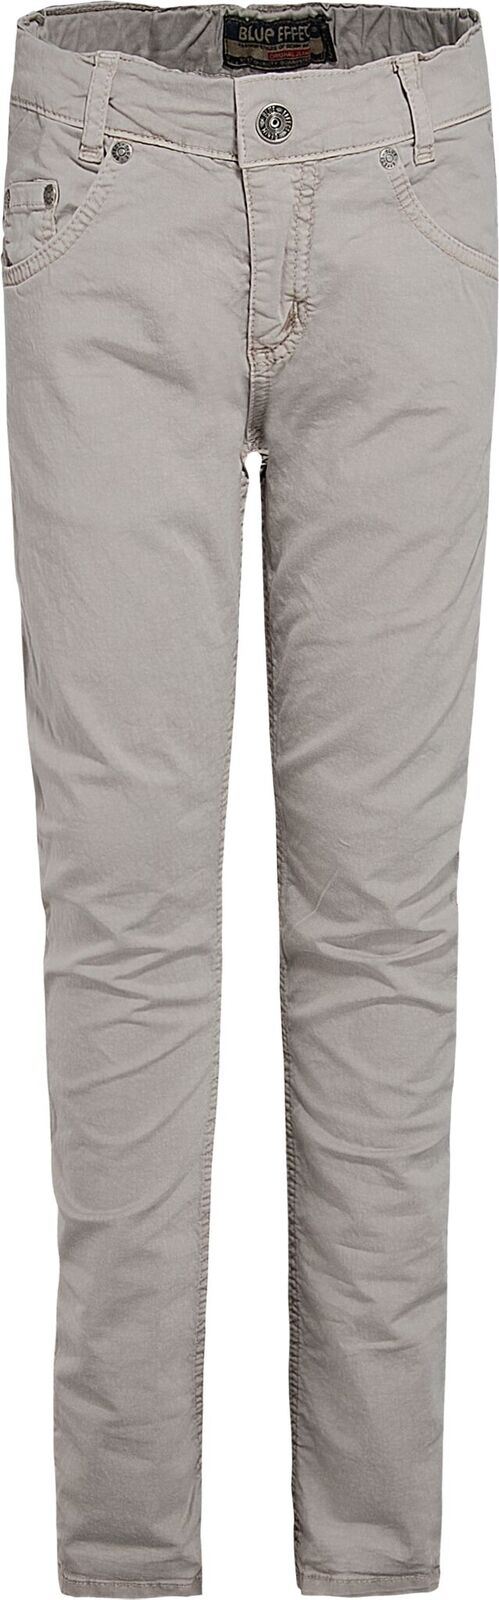 Blue Effect Chino-Hose für Jungen normale Bundweite festliche Hose sand